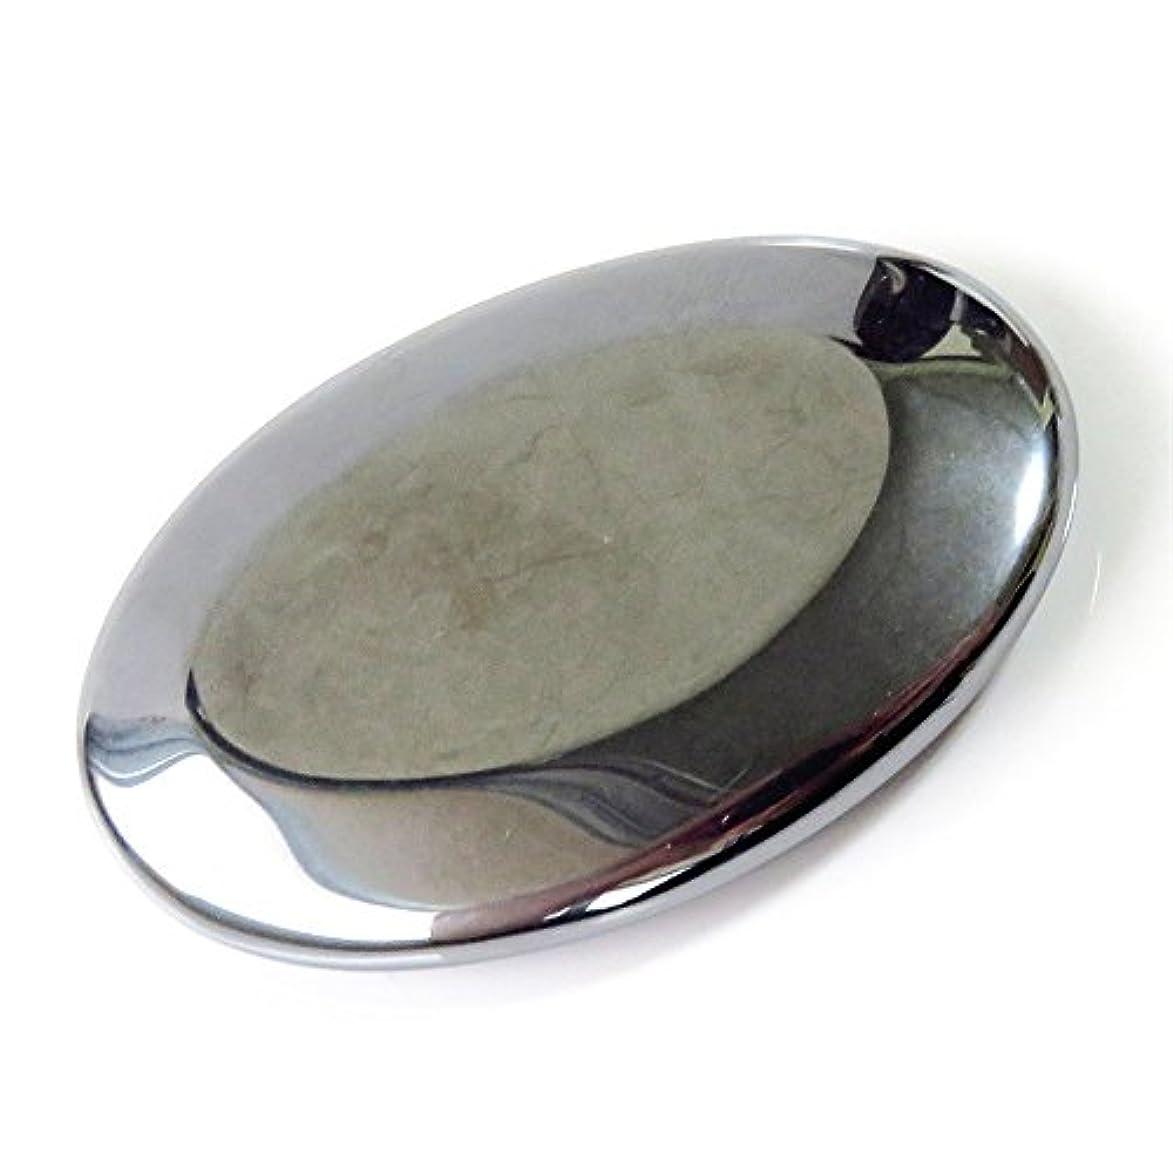 減る彫刻家秘密のエステ業界も注目 テラヘルツ鉱石かっさプレート 楕円型